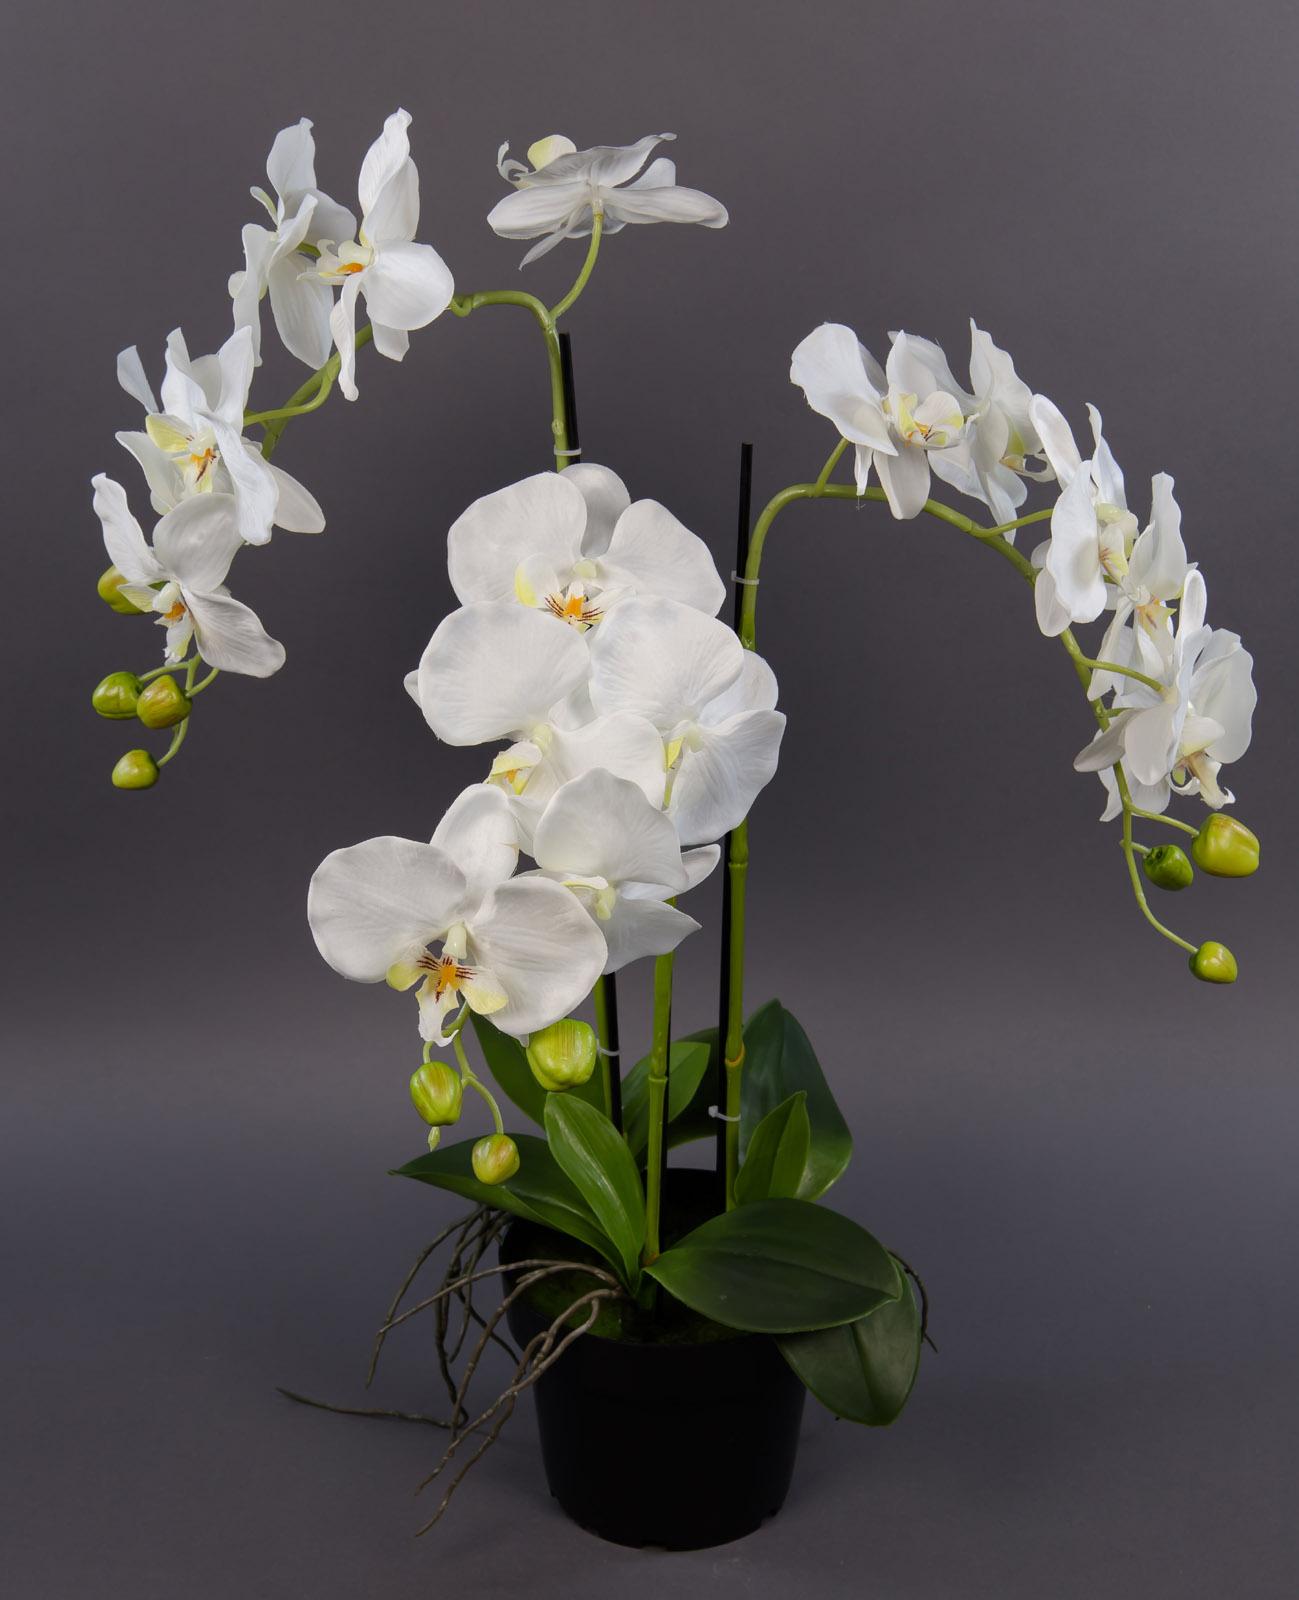 orchidee 60x40cm wei ga kunstpflanzen k nstliche blumen. Black Bedroom Furniture Sets. Home Design Ideas